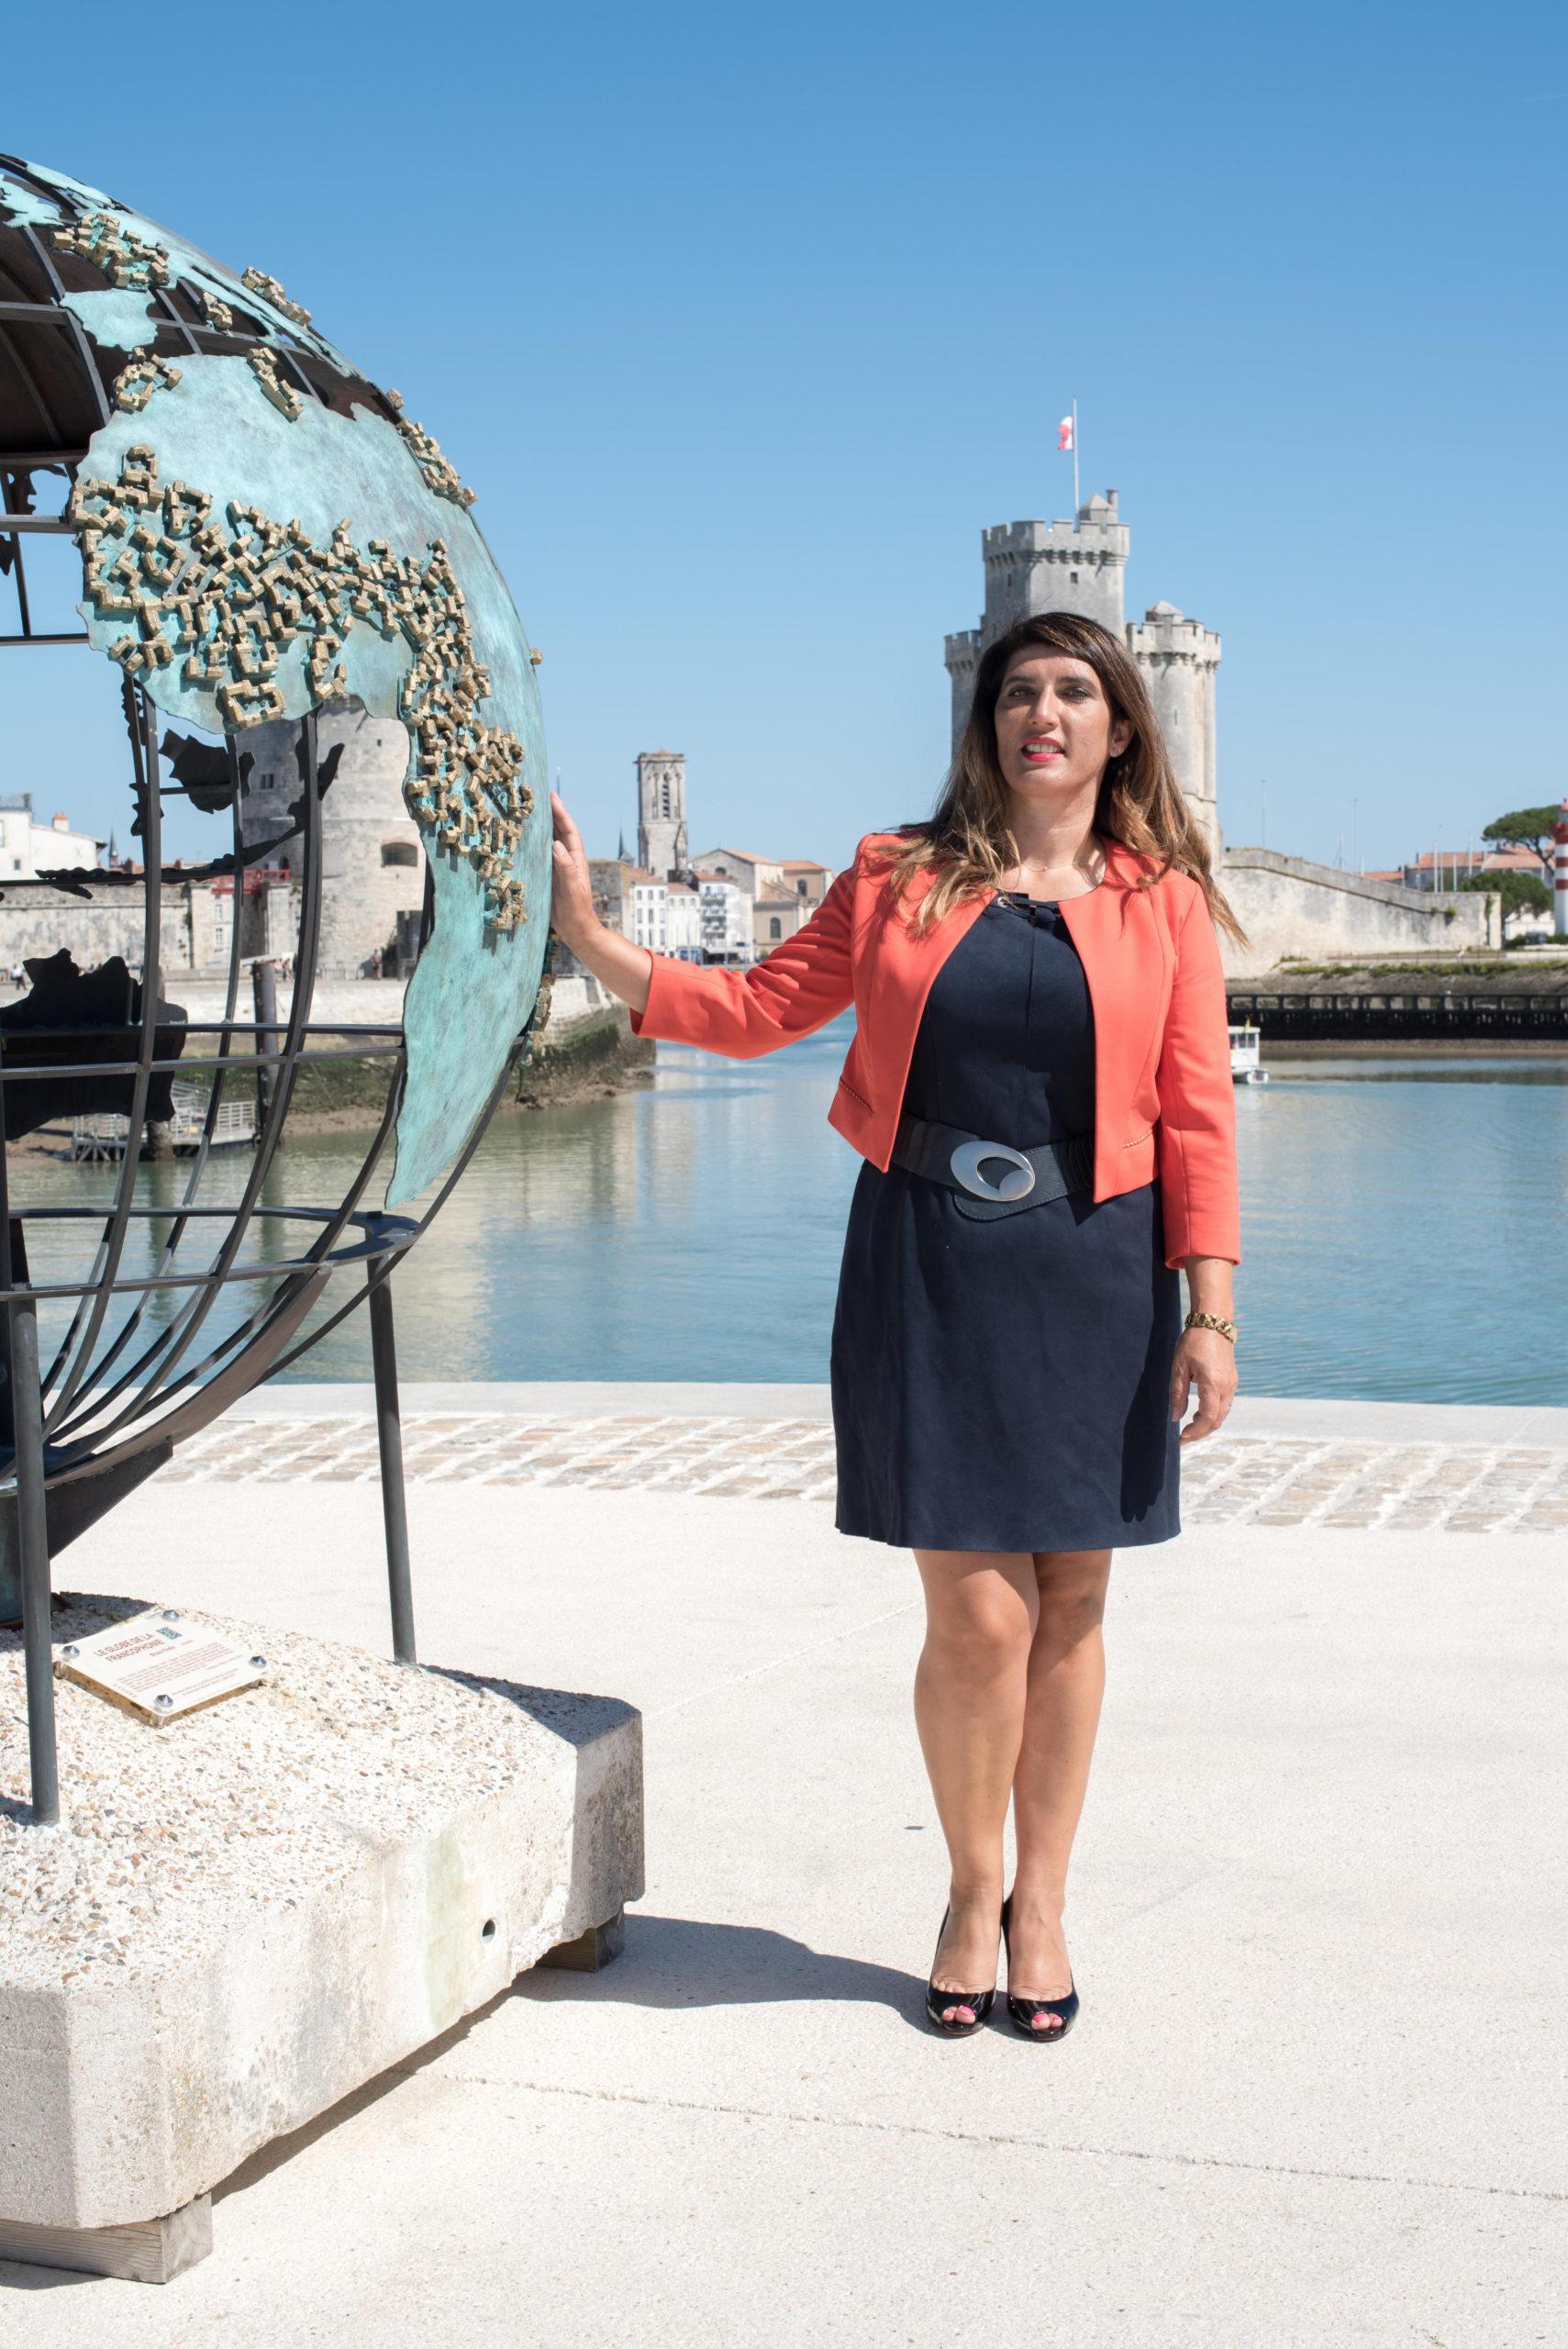 Patricia Carneiro